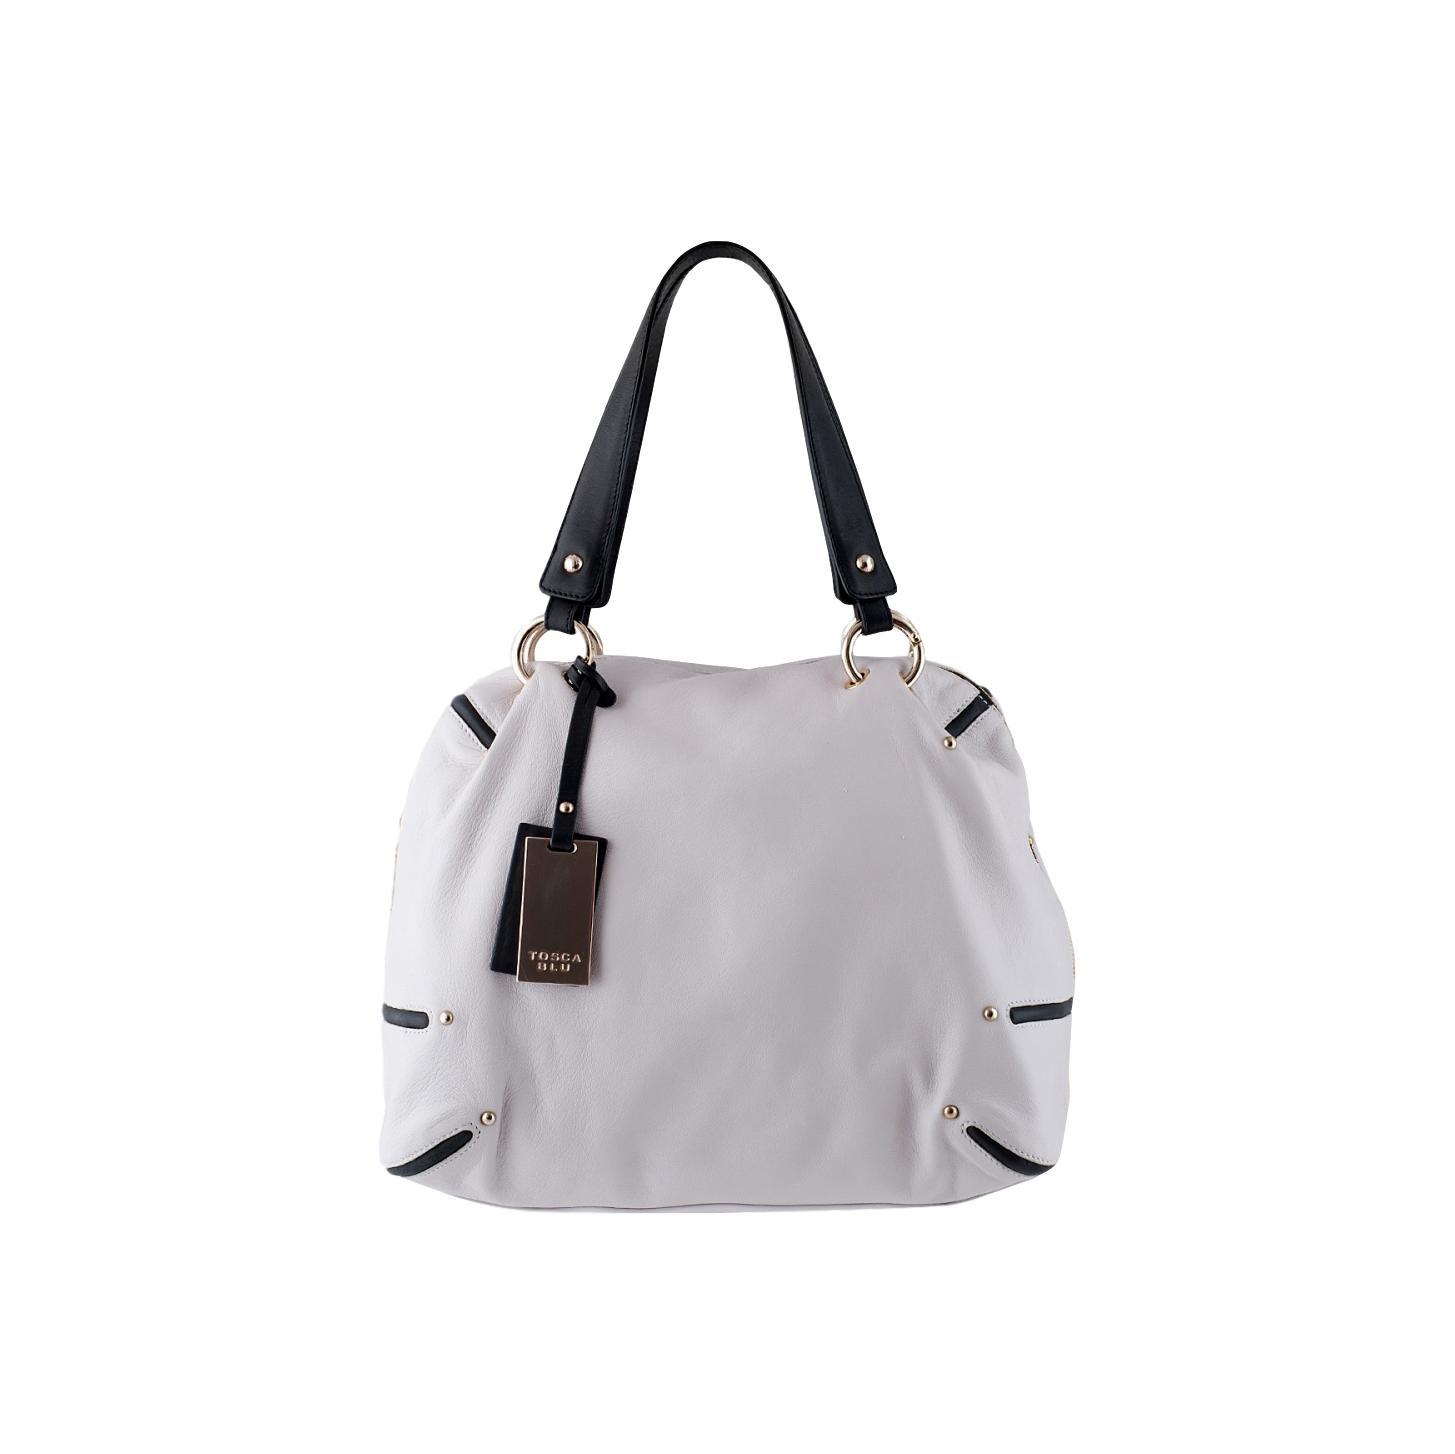 3ebeba6adbc0 Купить вечернюю сумку Tosca Blu за 15000 руб. в интернет магазине ...